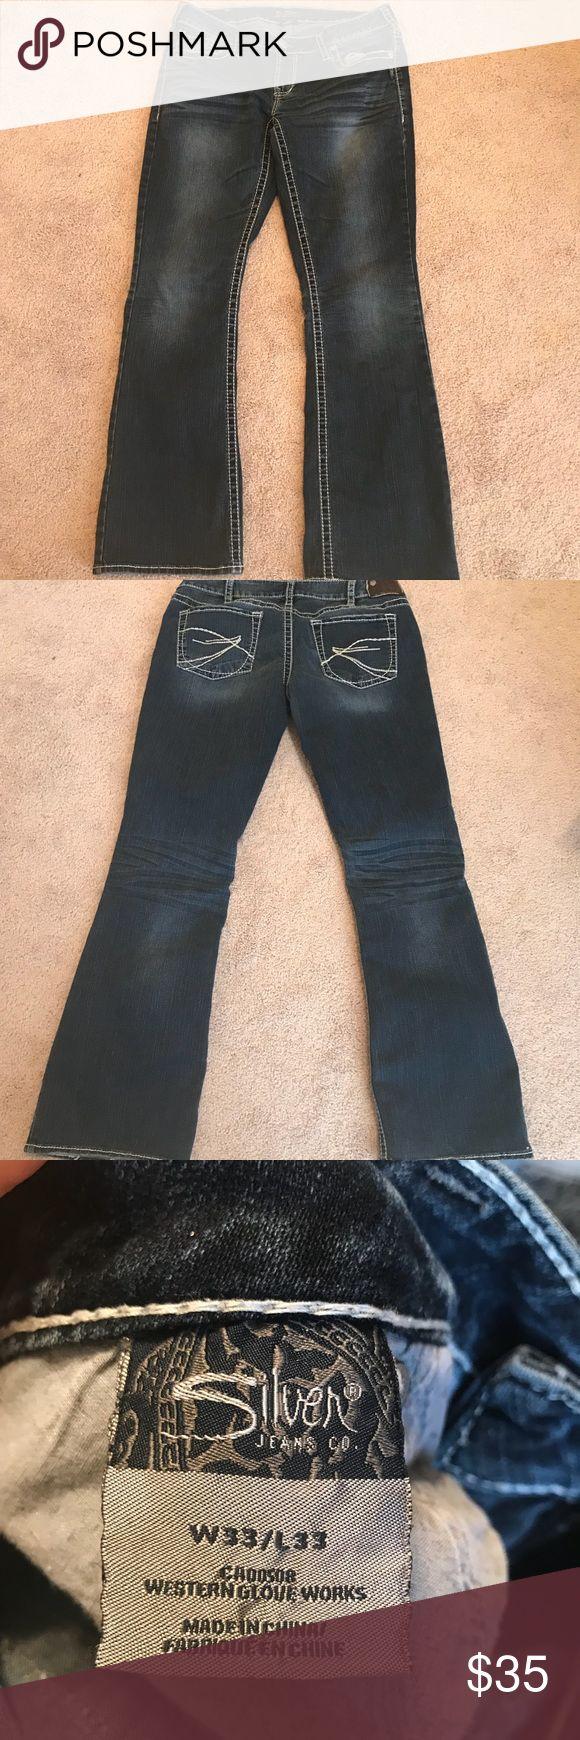 Women's Silver jeans 33x33 Akio bootcut Women's silvers size 33x33 akio bootcut Silver Jeans Pants Boot Cut & Flare